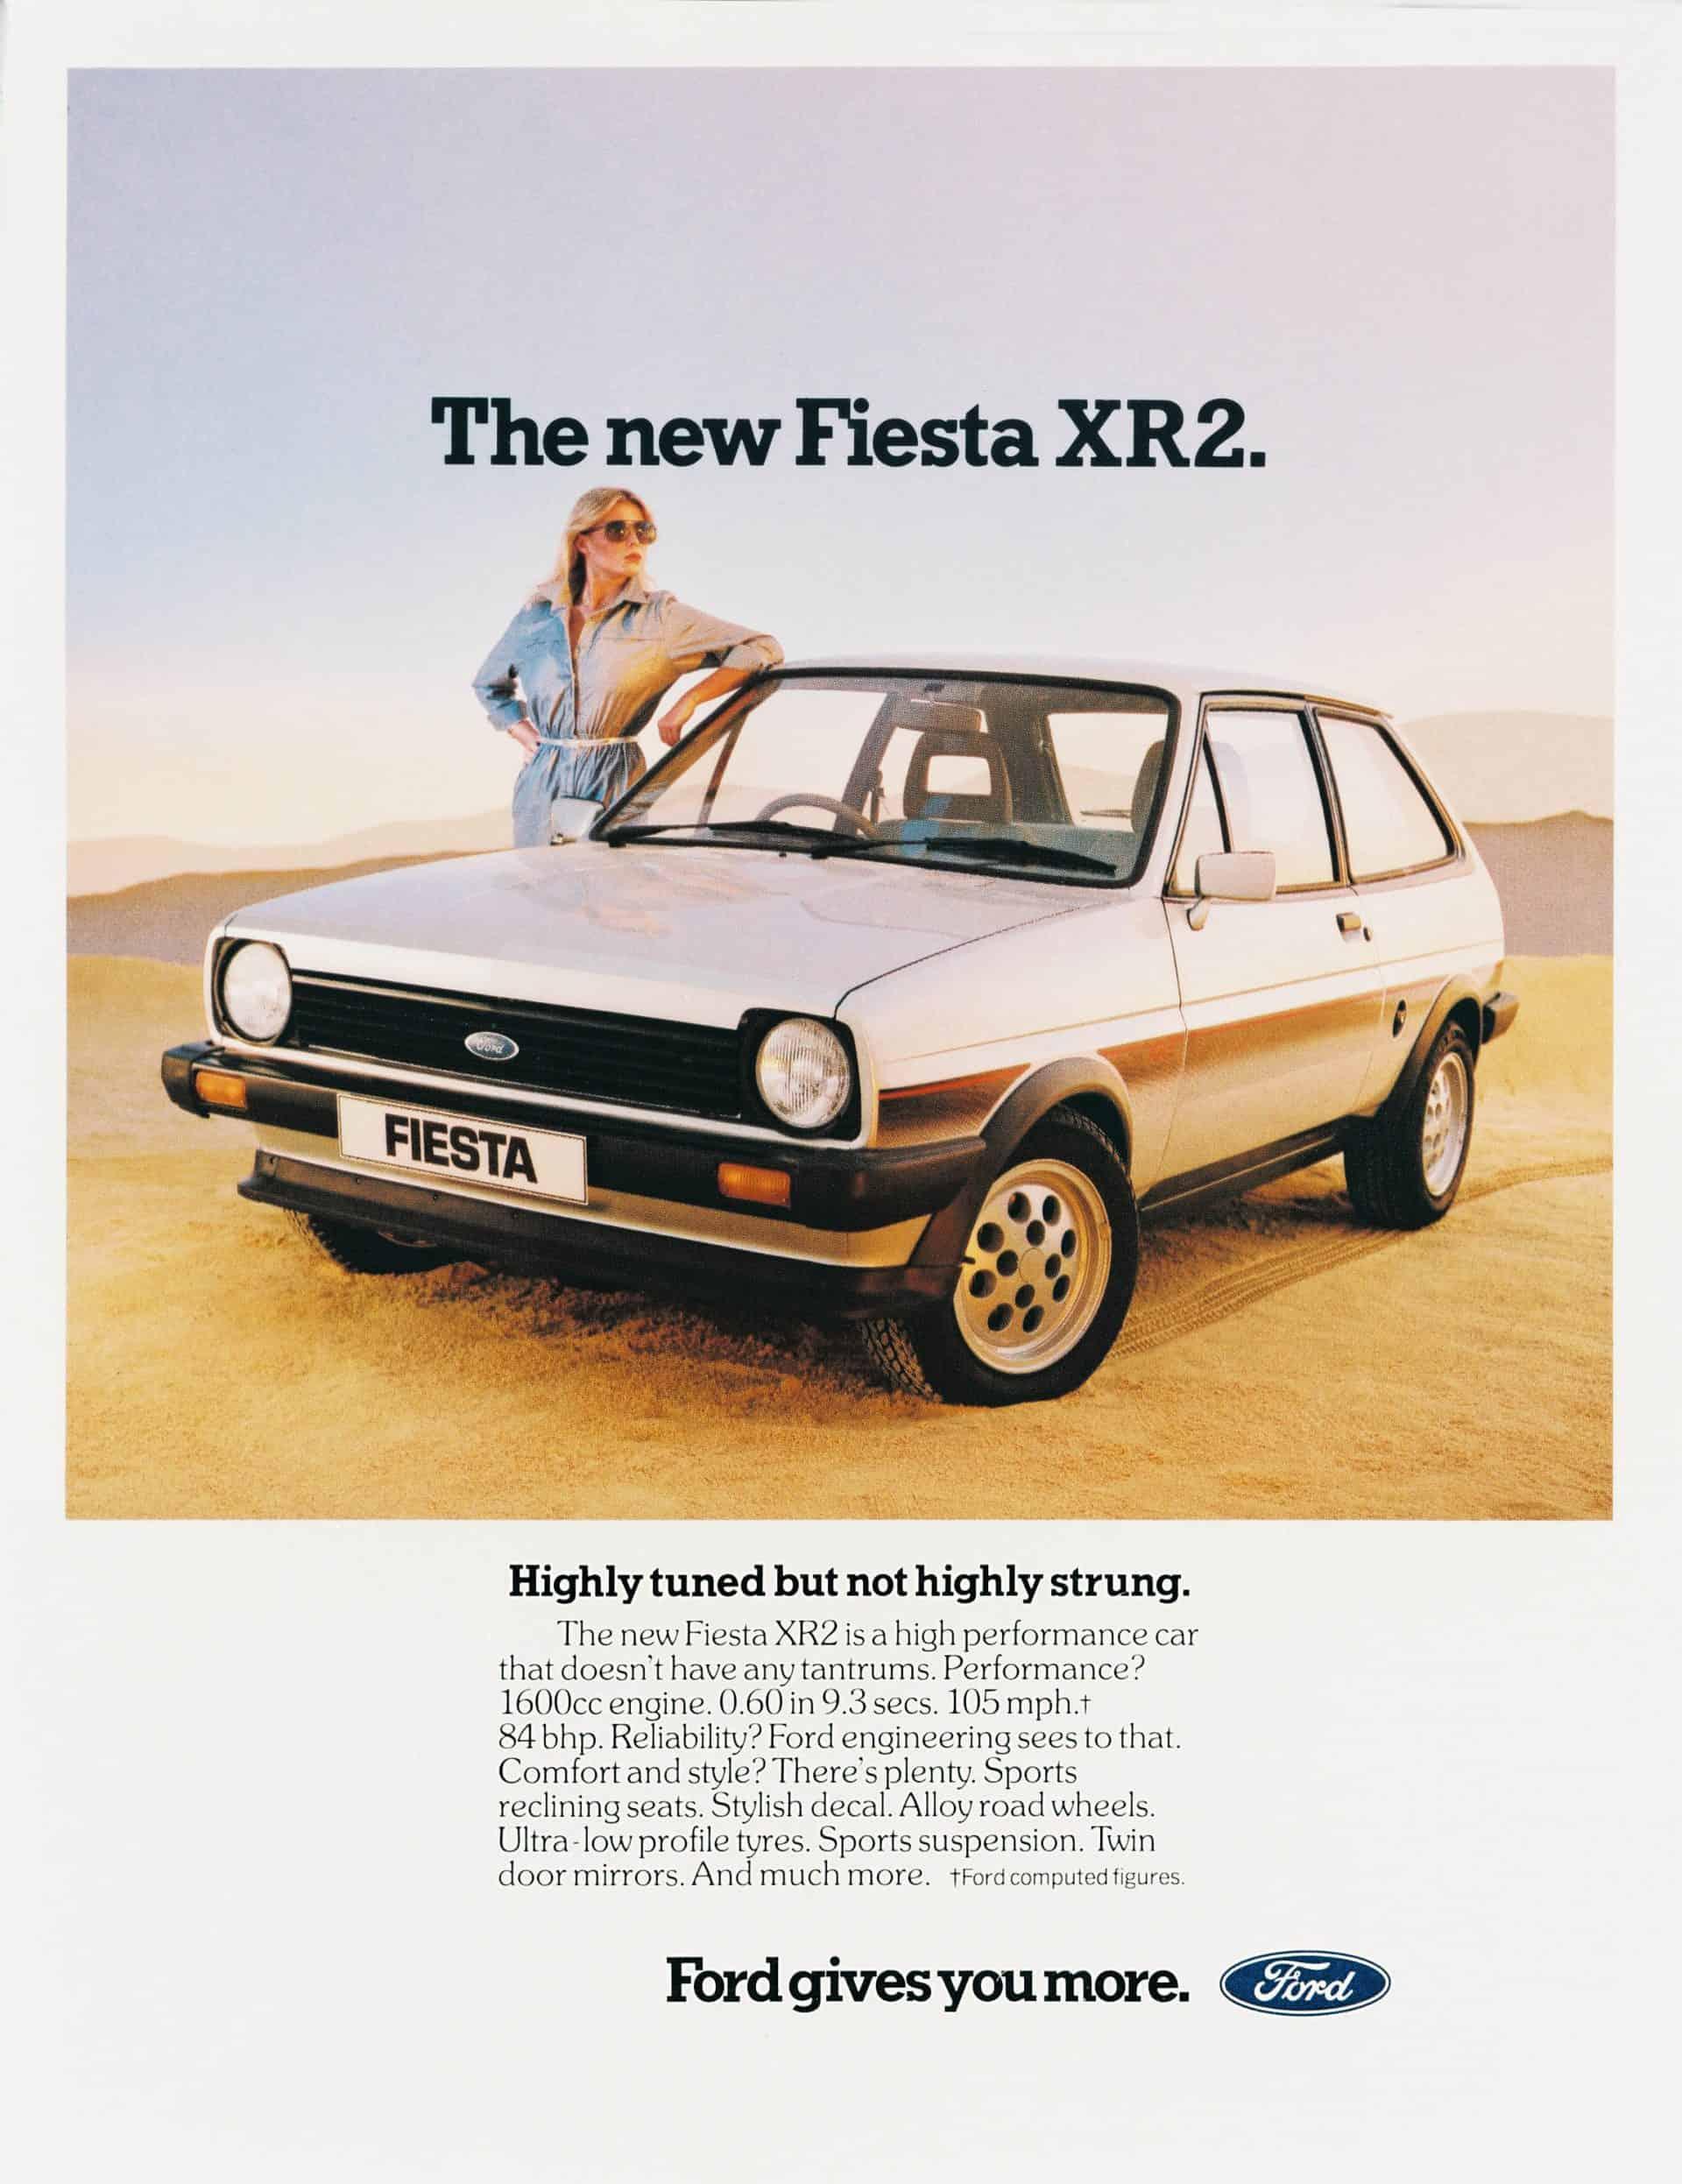 1982 Fiesta XR2 Mk1 ad